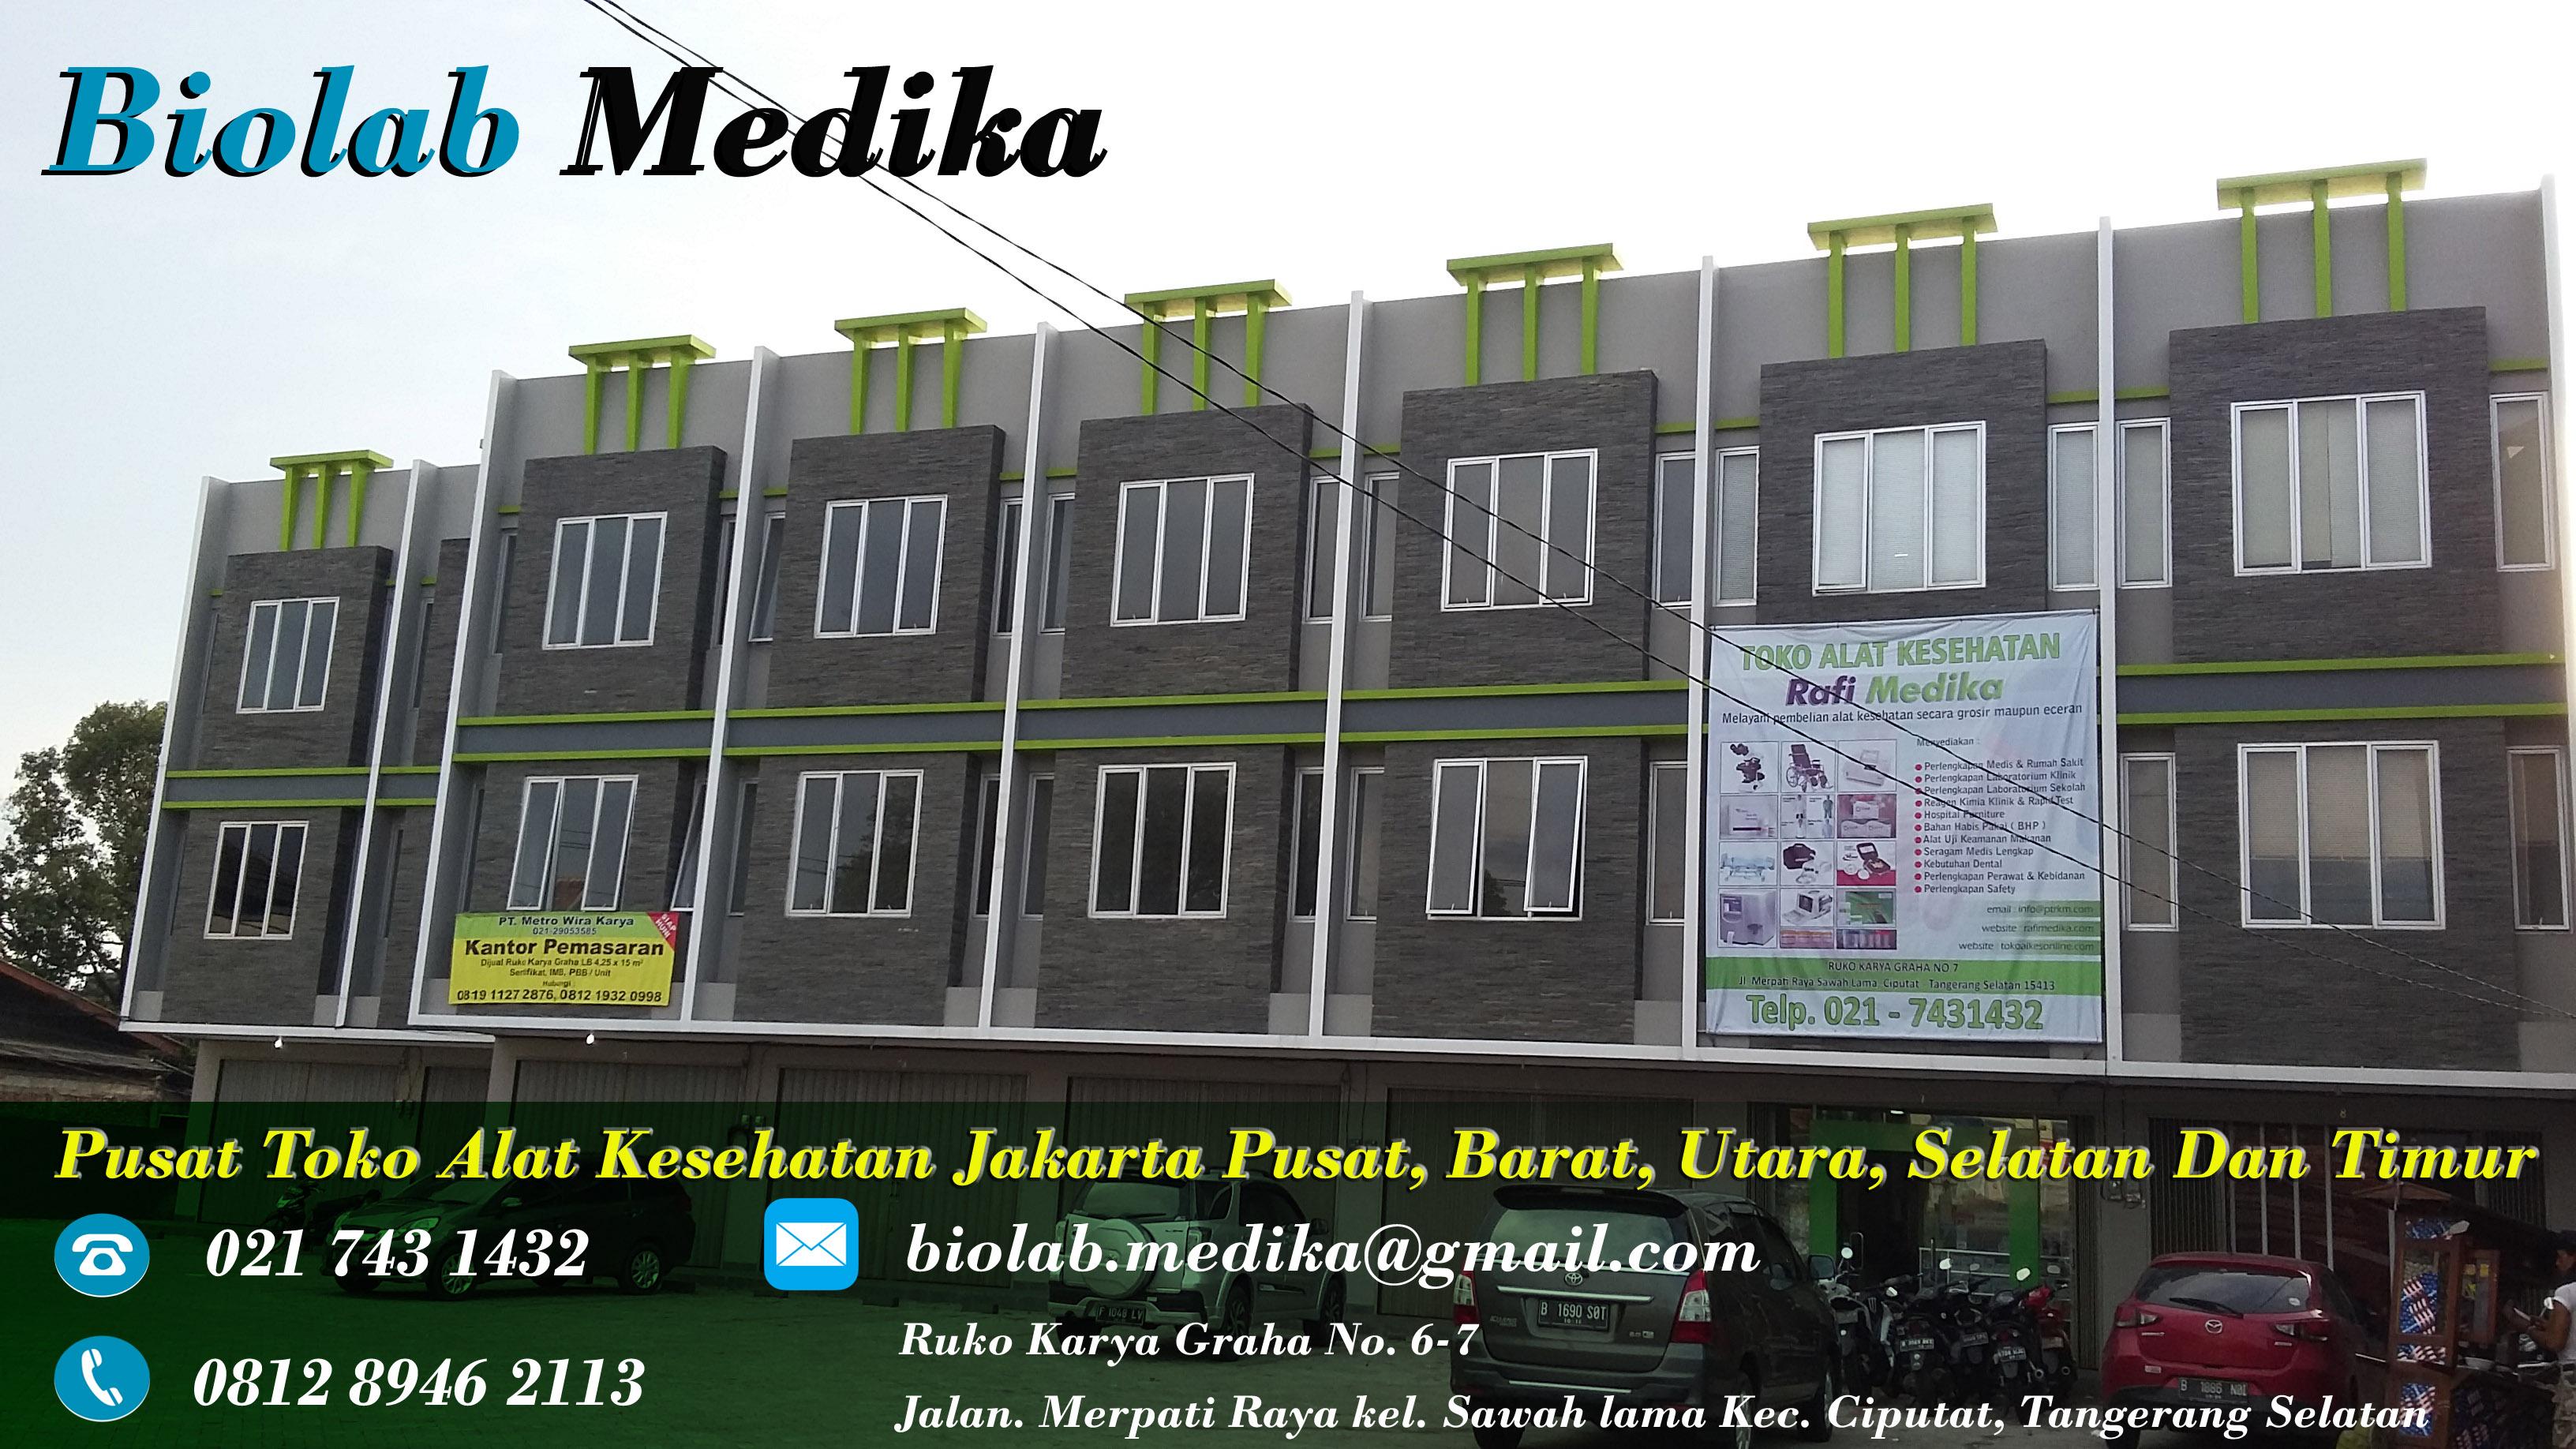 Pusat Toko Alat Kesehatan Jakarta